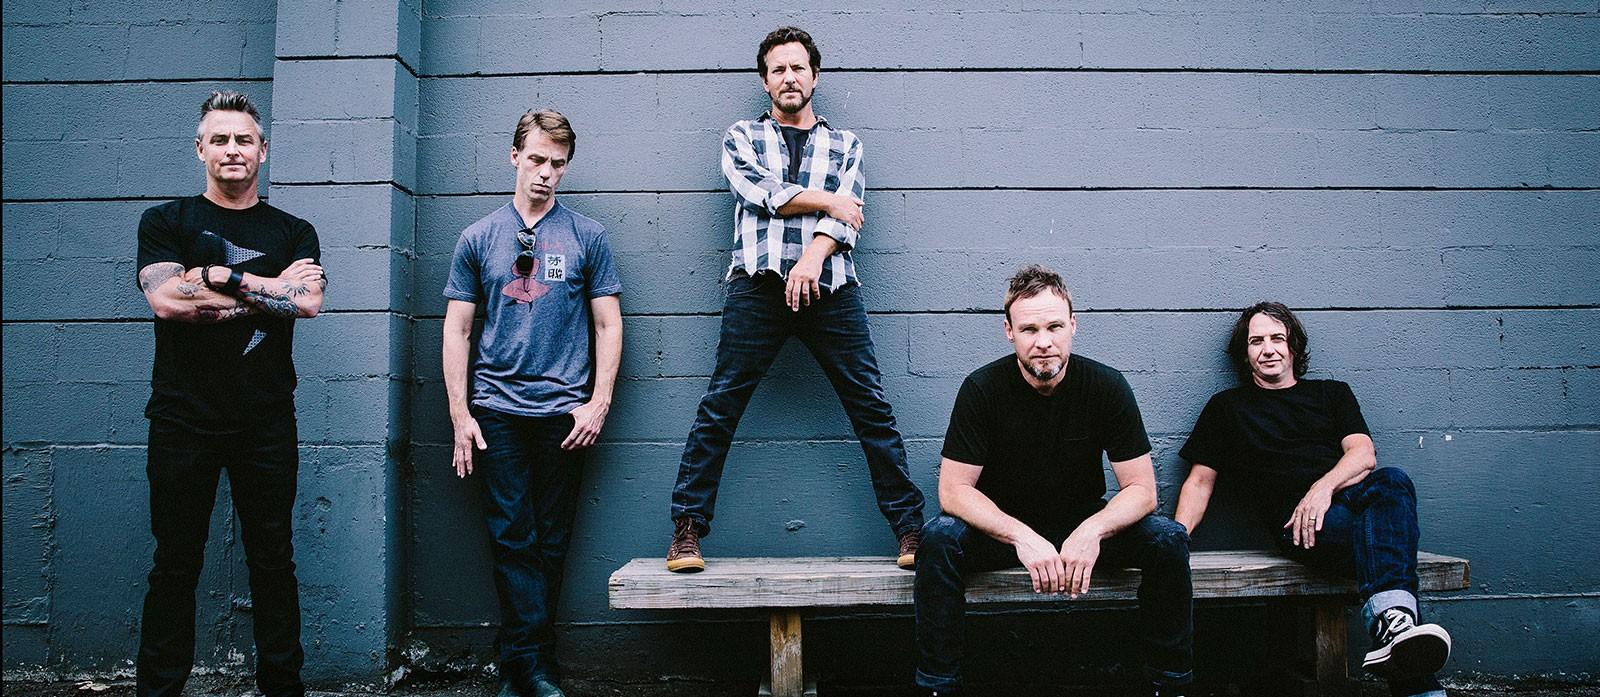 'Pearl Jam falava no estúdio sobre como o mundo ficou doido', diz produtor de novo álbum